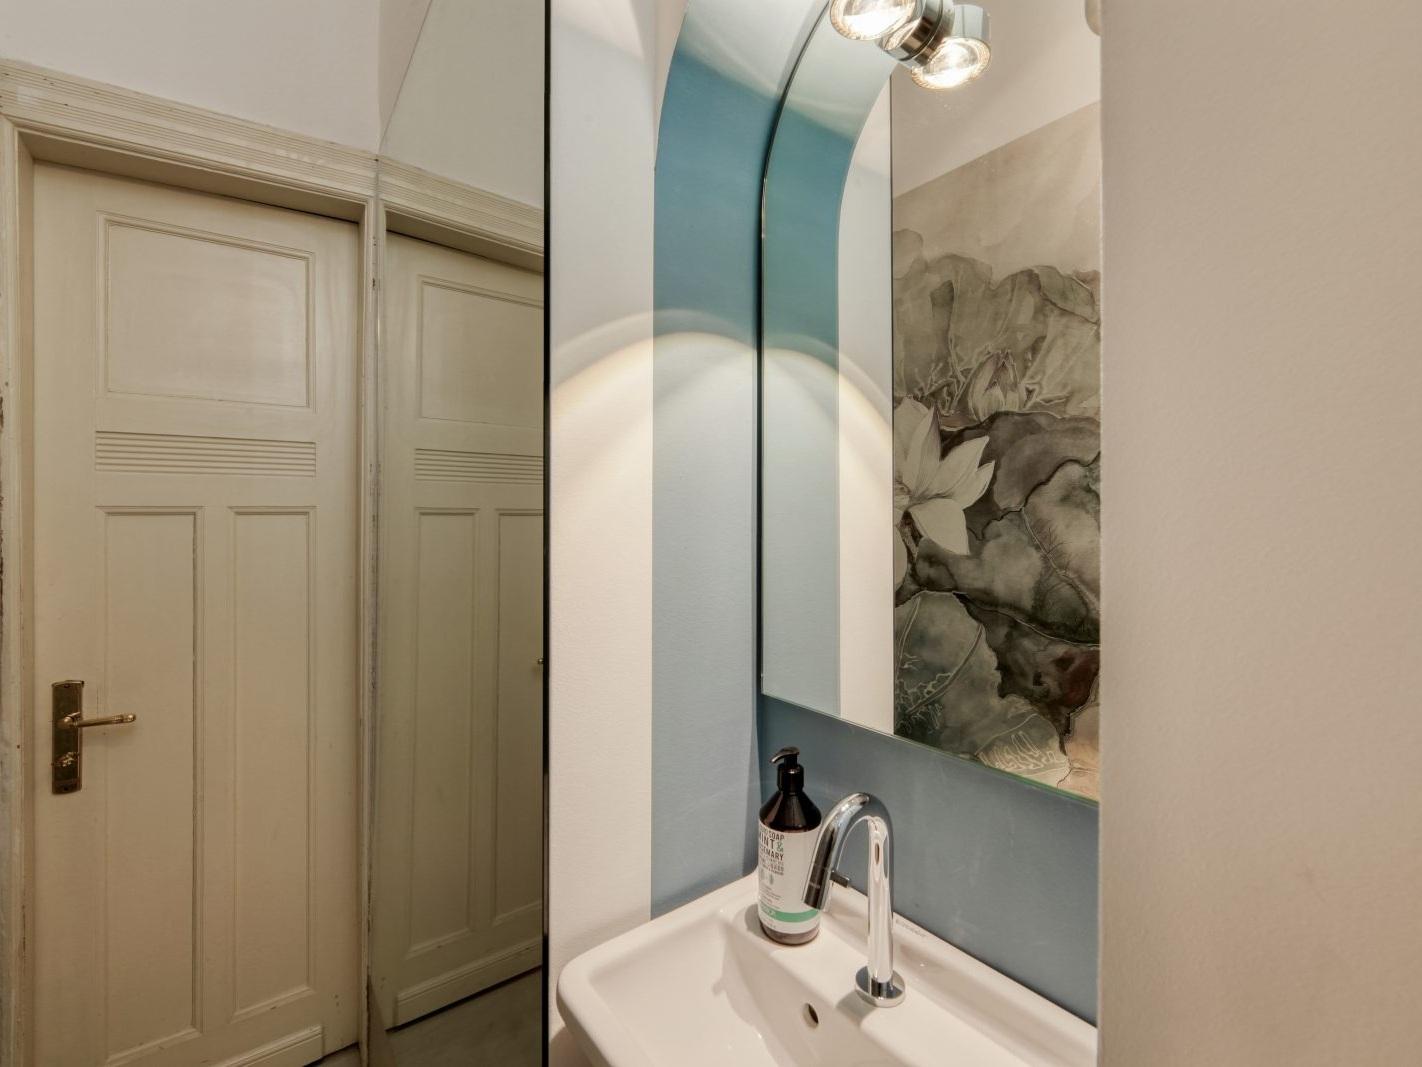 Seerosen im Spiegel - Nische mit Waschbecken und Spiegel